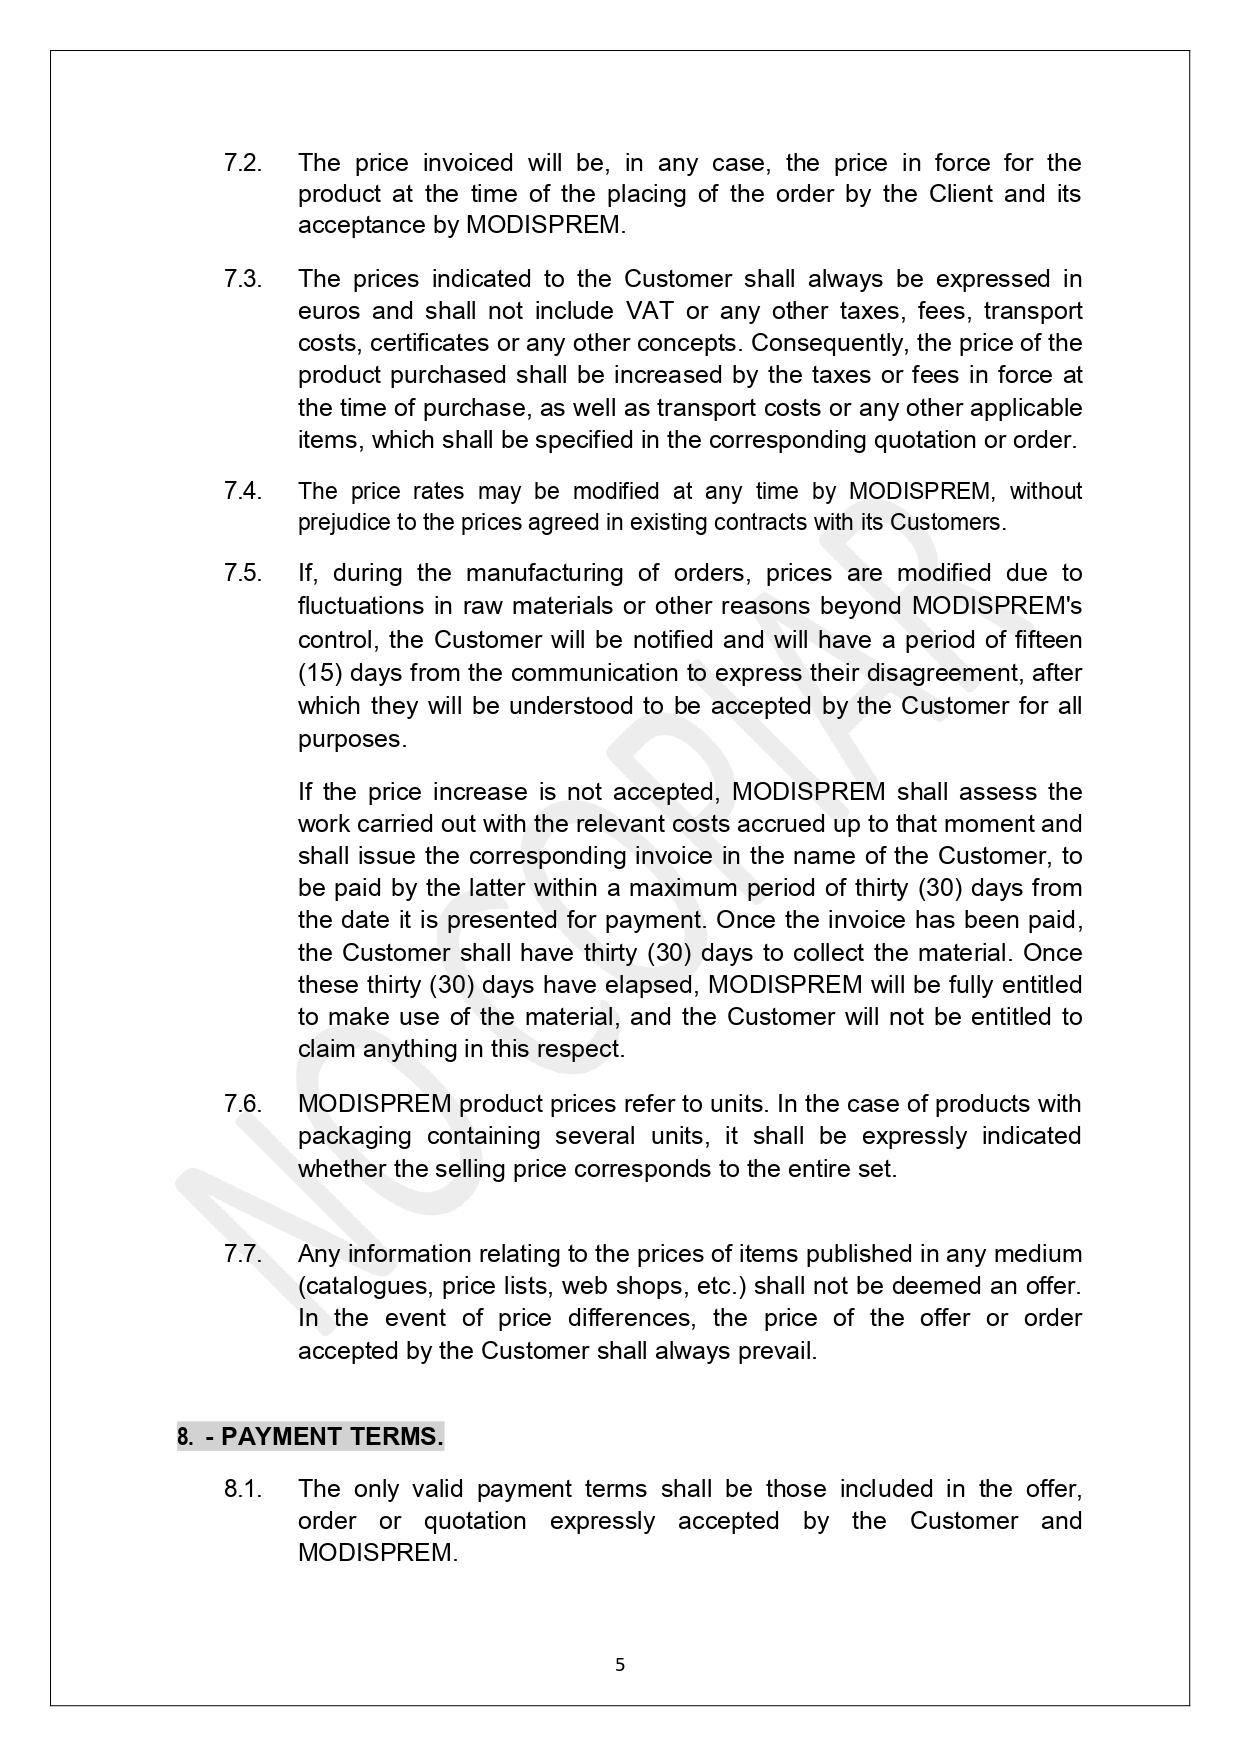 Condicions Generals de Venta EN pages to jpg 0005